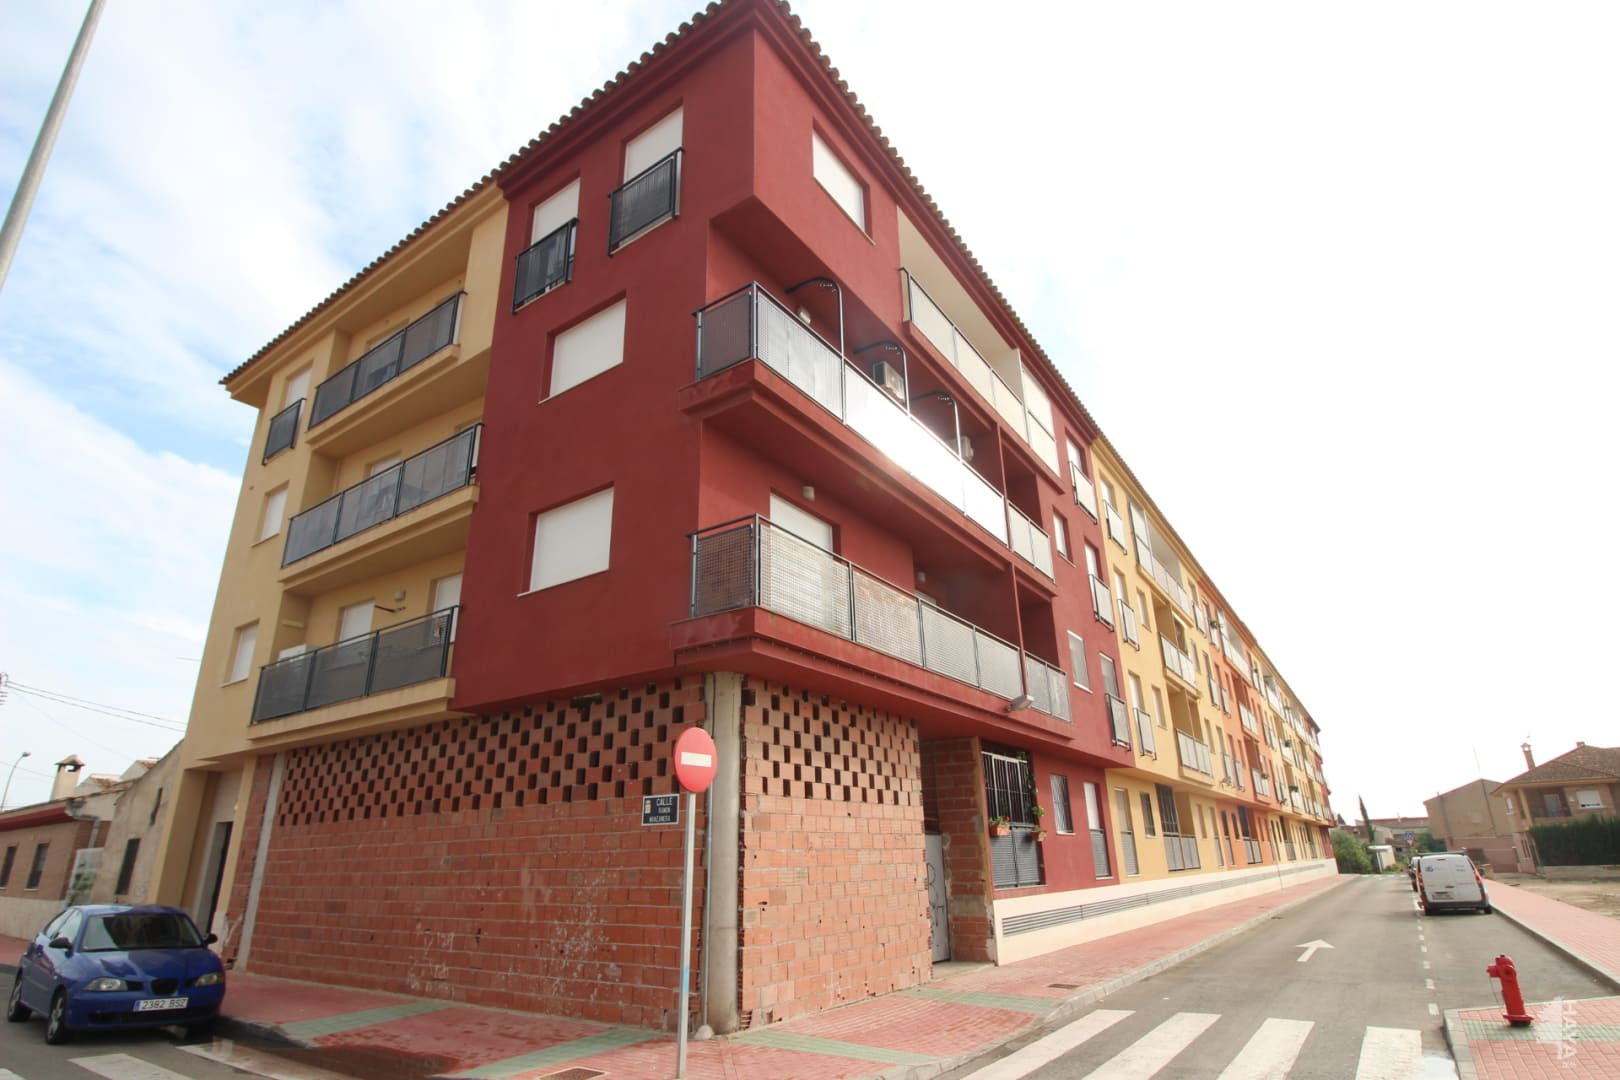 Piso en venta en Murcia, Murcia, Calle Villagordos, 100.000 €, 4 habitaciones, 2 baños, 152 m2